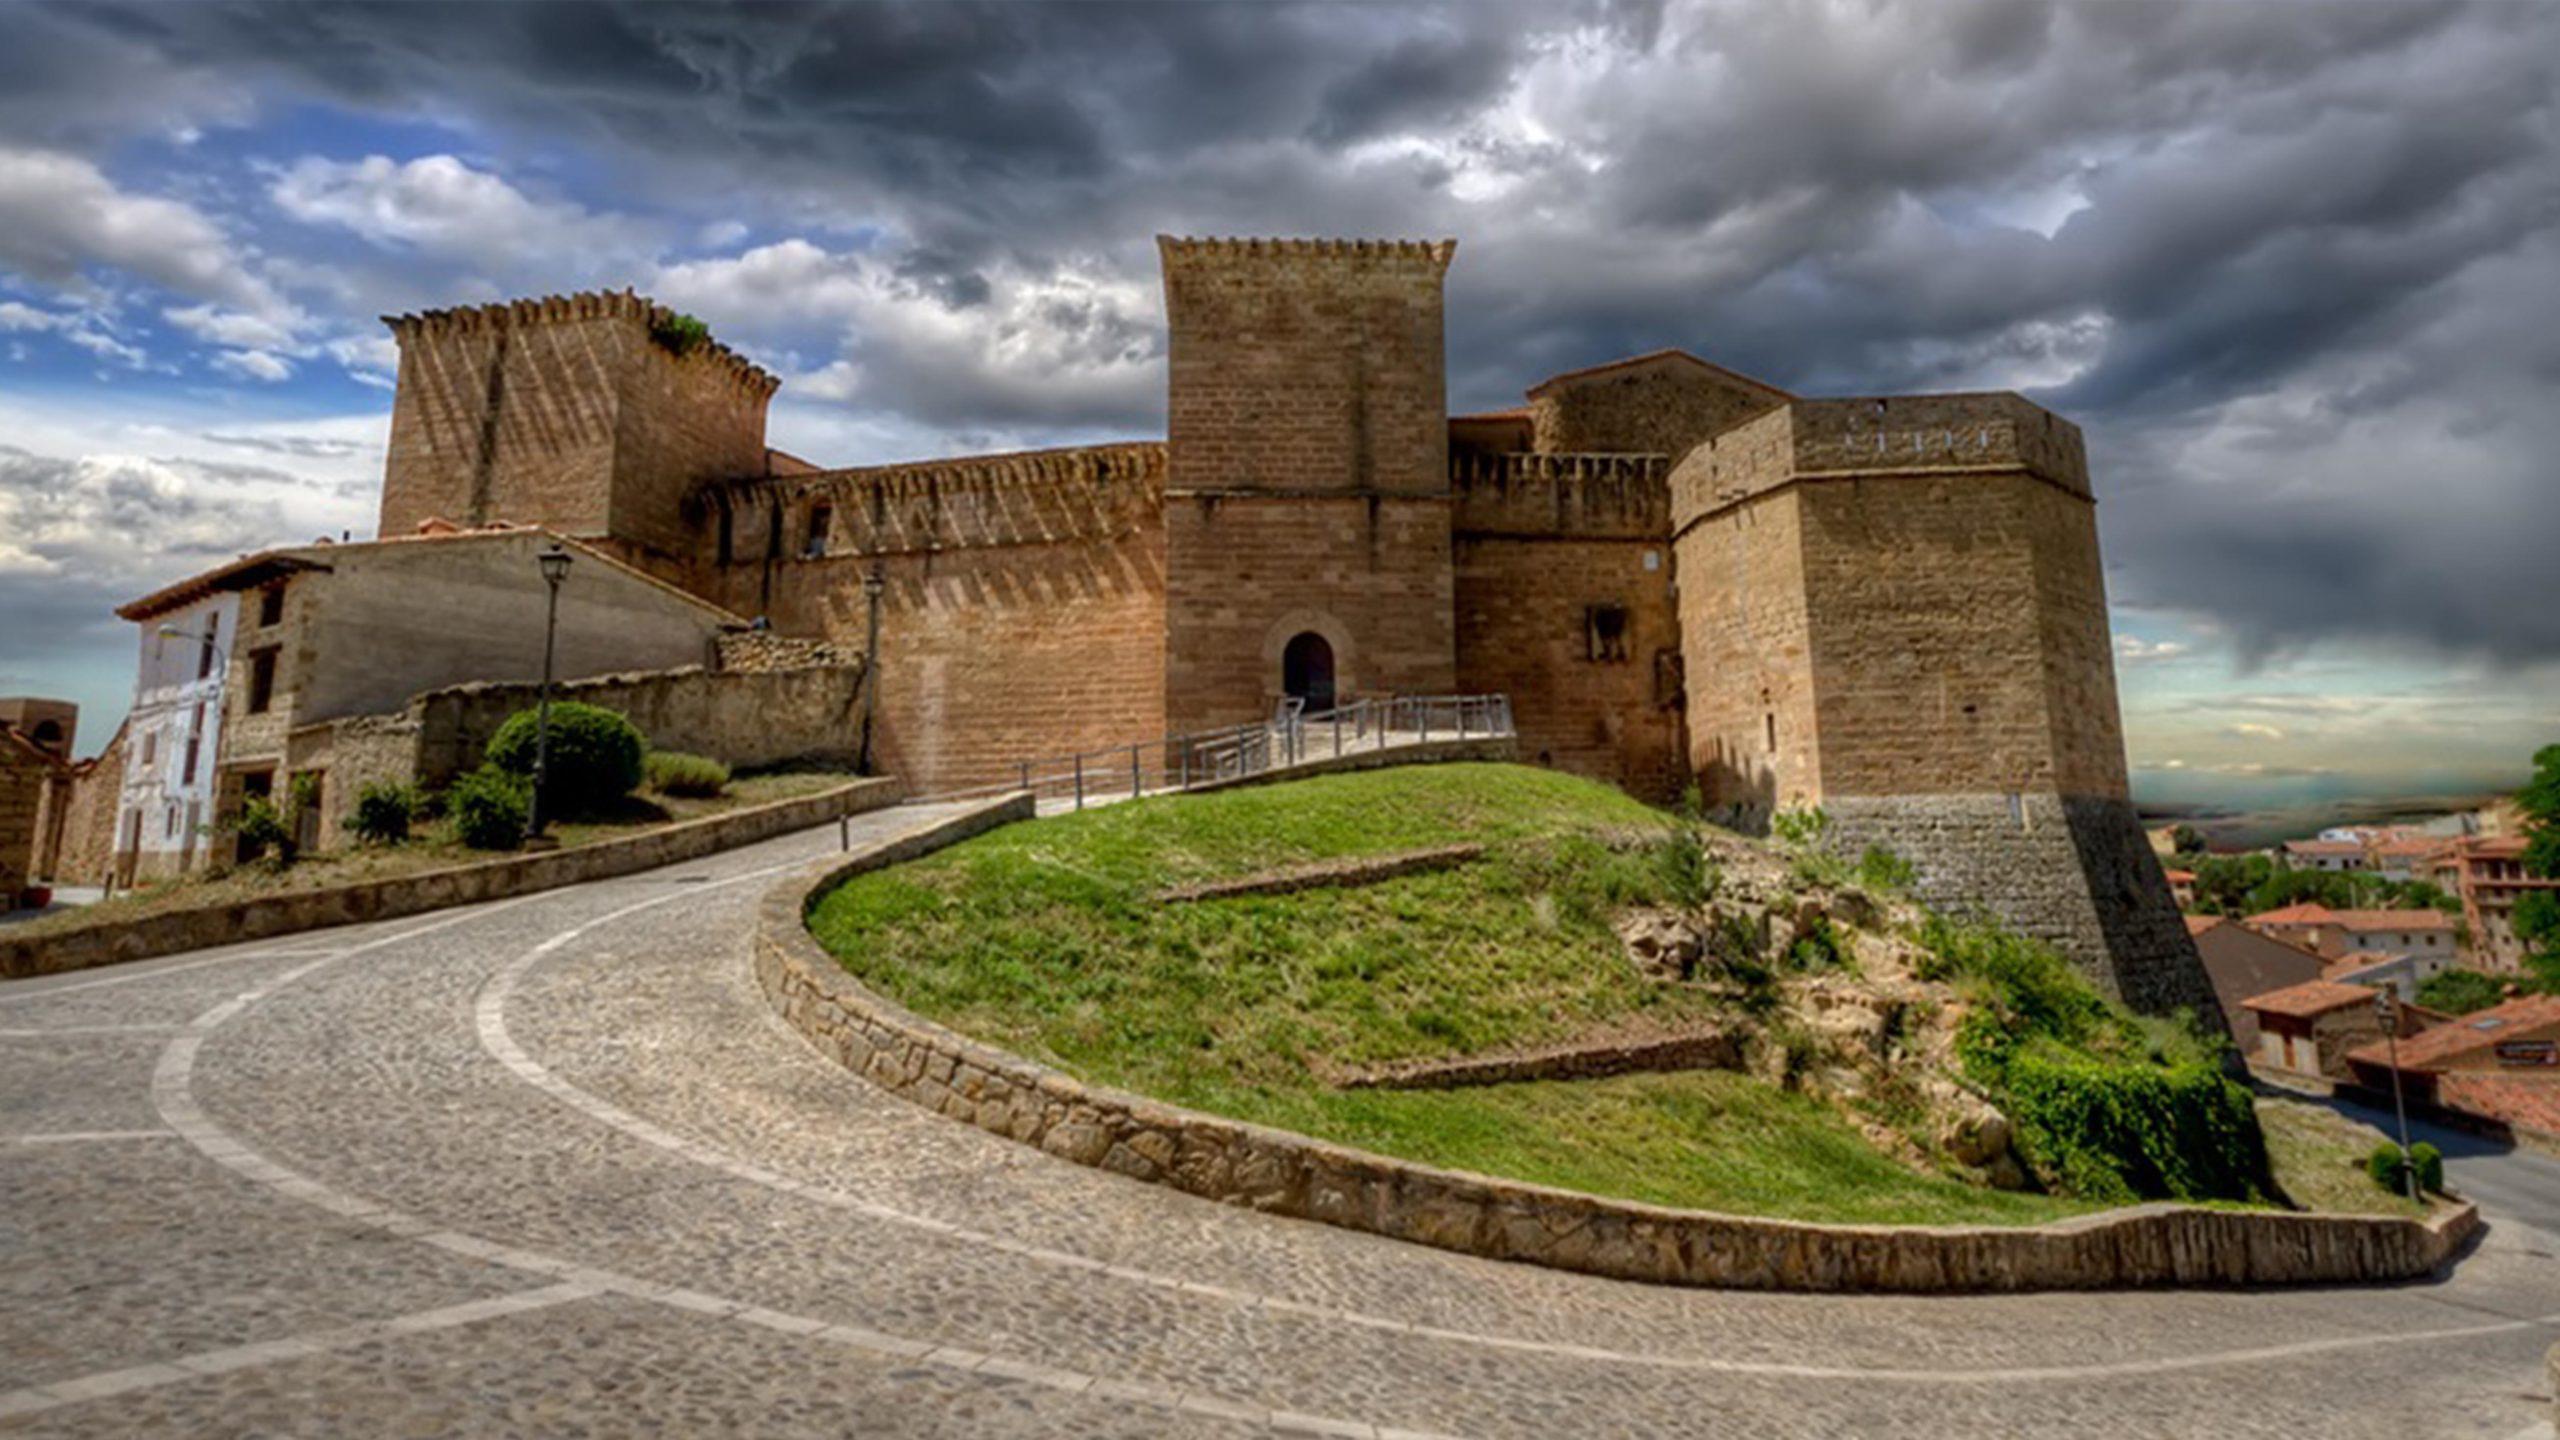 Castillo-Palacio de los Fernández de Heredia en Mora de Rubielos. Castillos en Aragón. Castillos medievales en Aragón. Conoce Aragón Turismo GoAragon